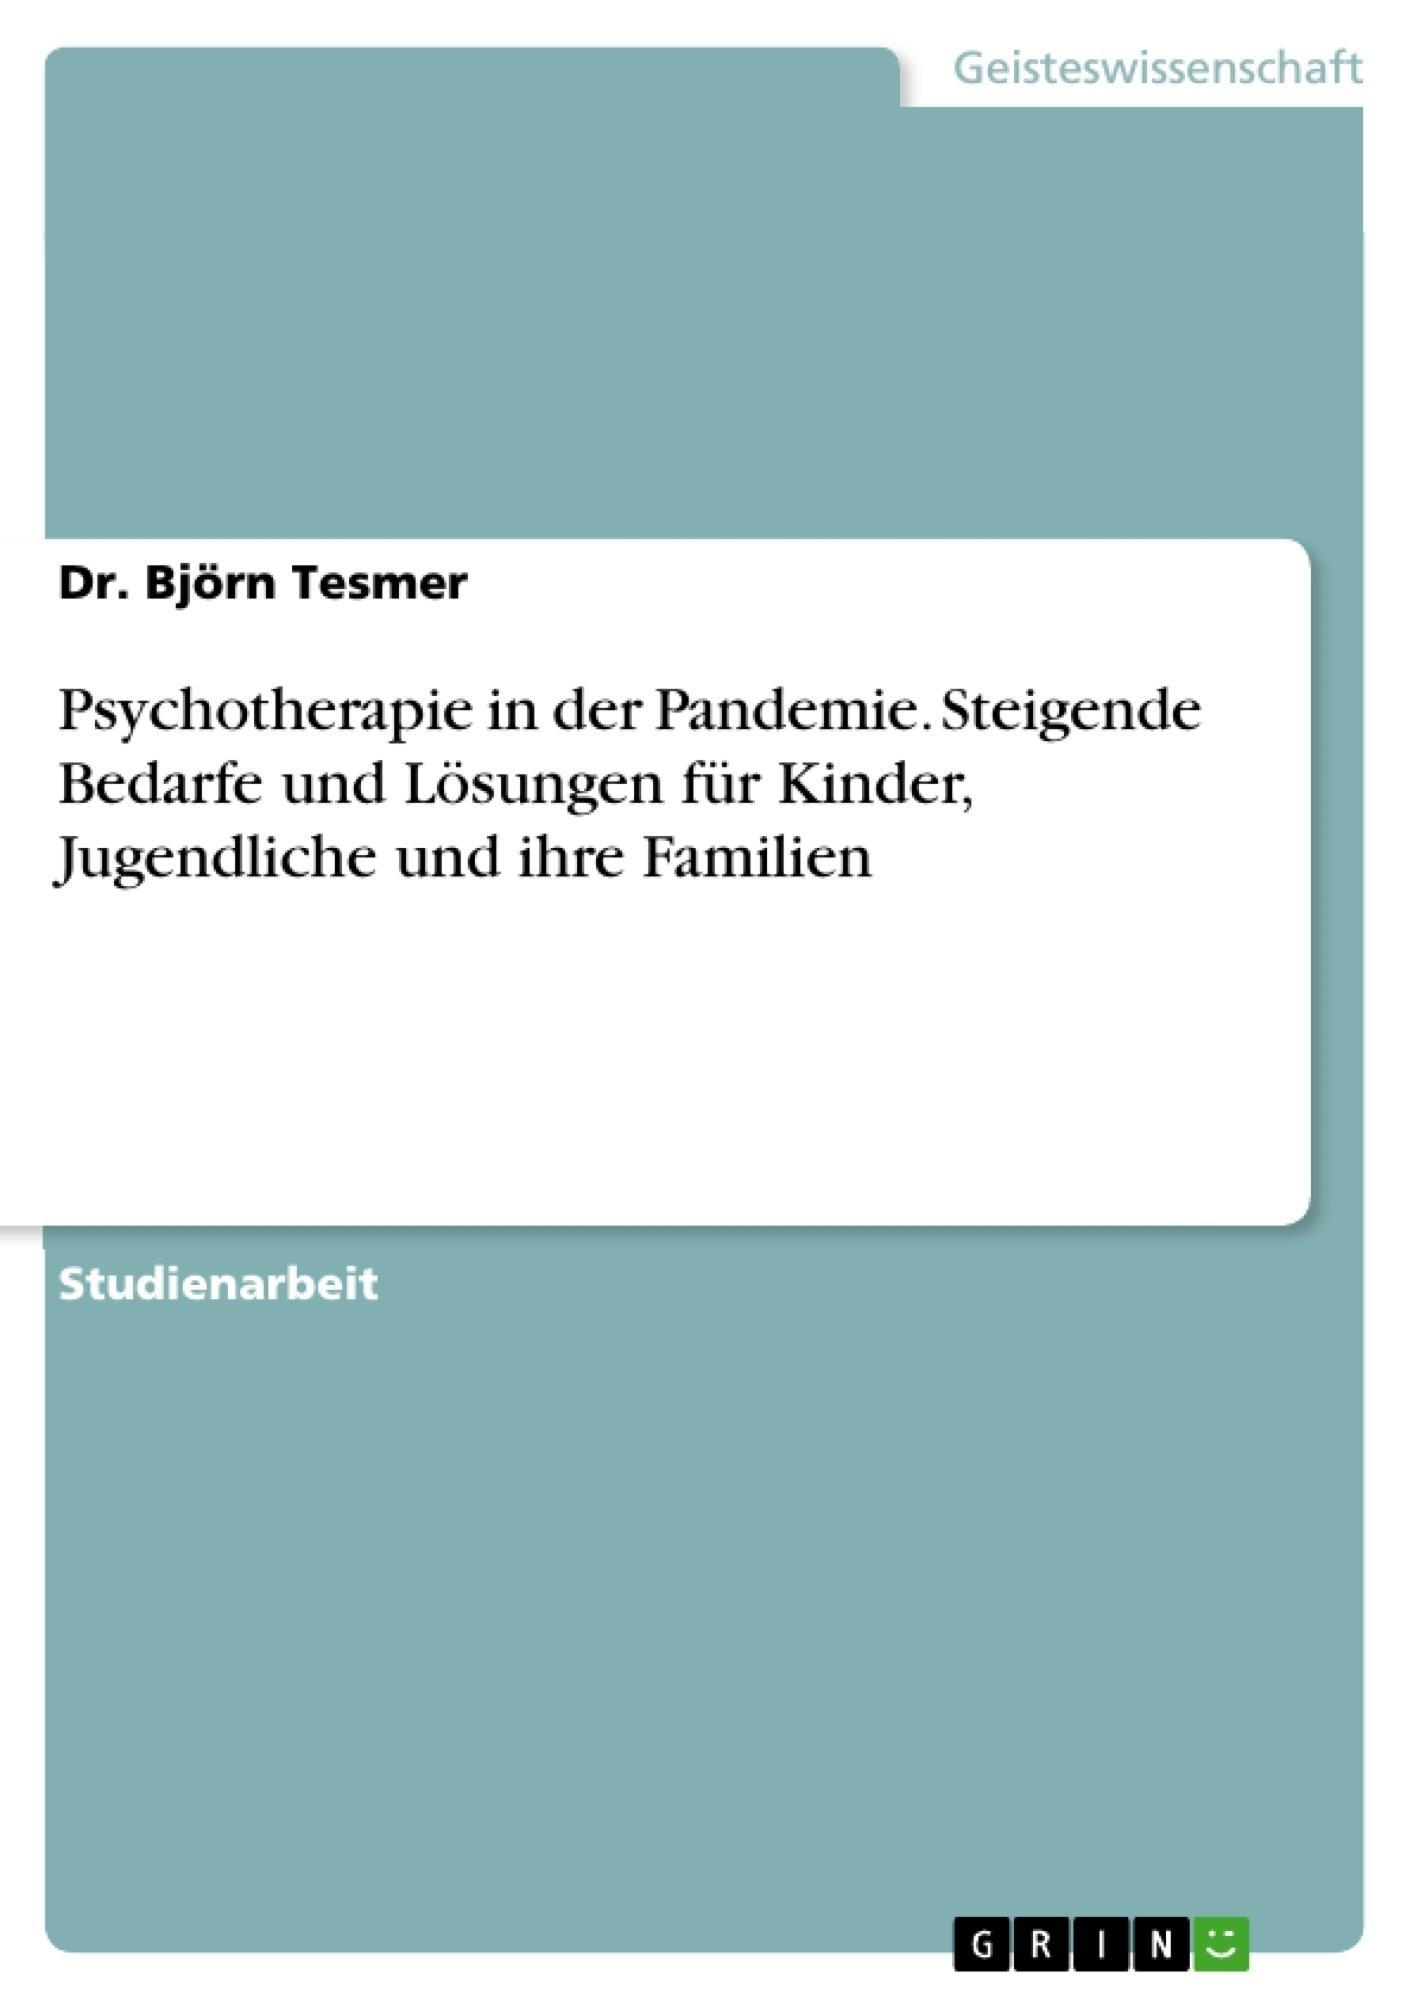 Titel: Psychotherapie in der Pandemie. Steigende Bedarfe und Lösungen für Kinder, Jugendliche und ihre Familien